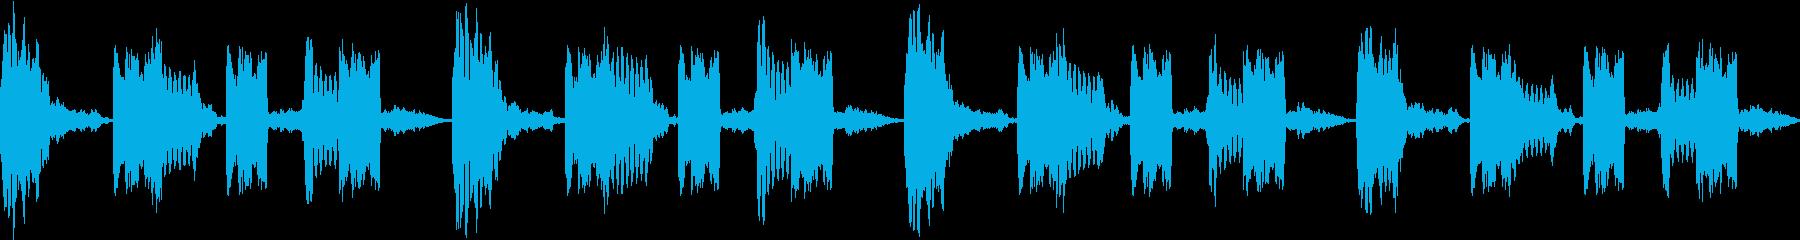 サイレン siren 警報 アラート 7の再生済みの波形